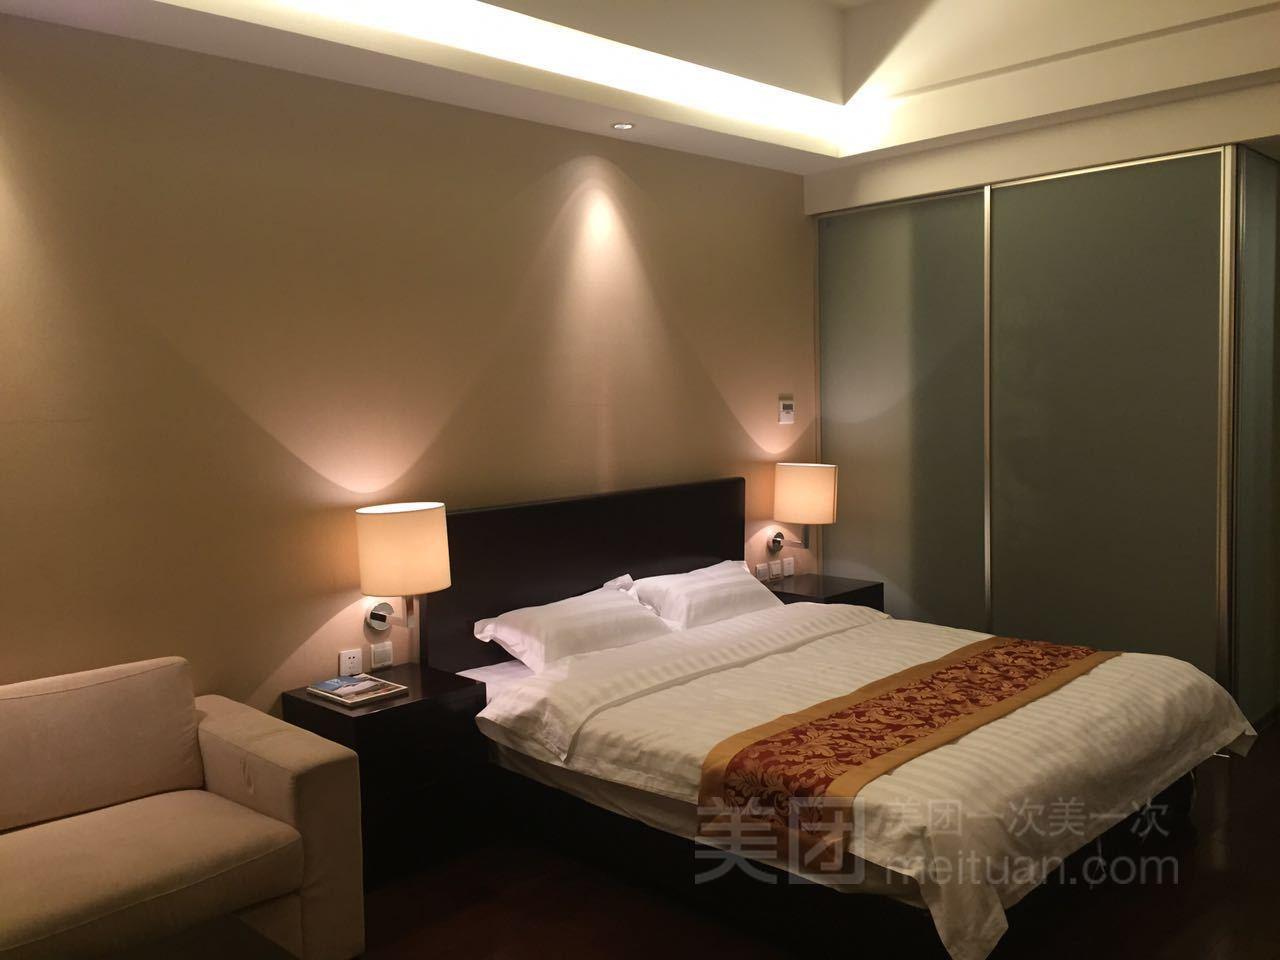 青年服务式公寓(高米店南地铁站店)预订/团购